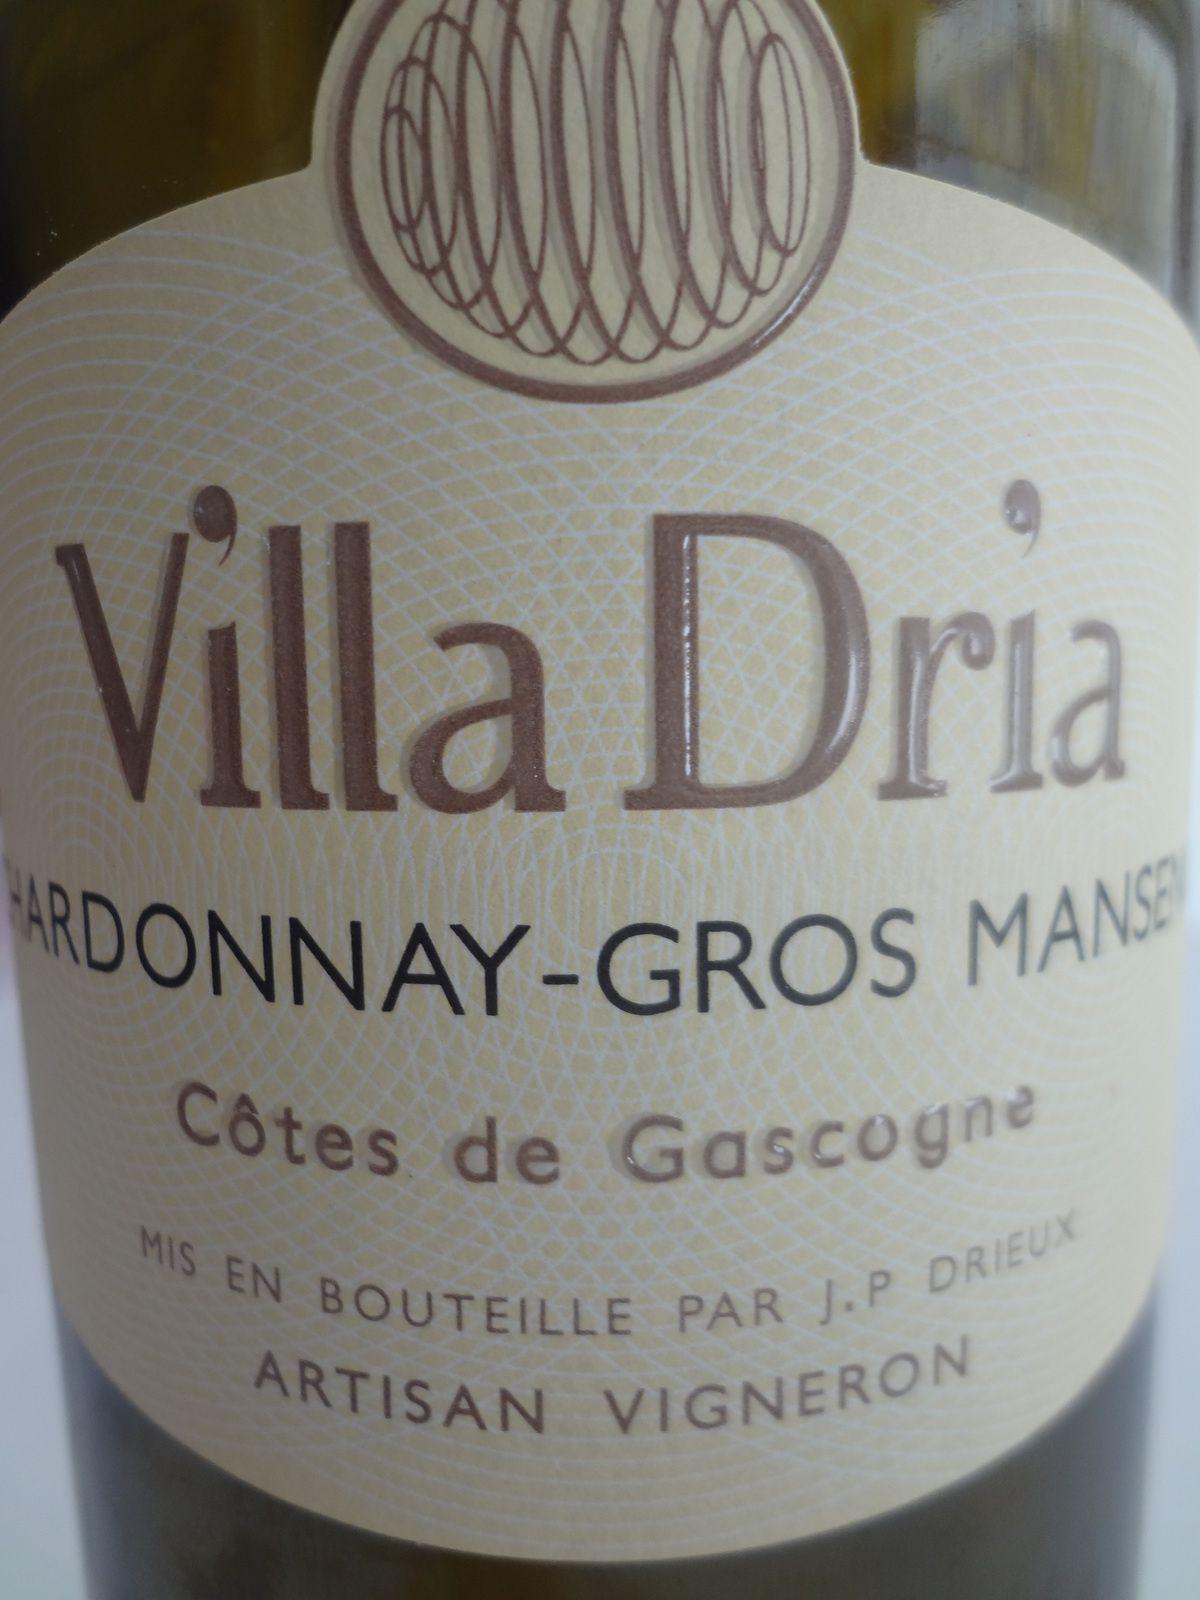 Vino Passion - IGP Côtes de Gascogne - Vila Dria